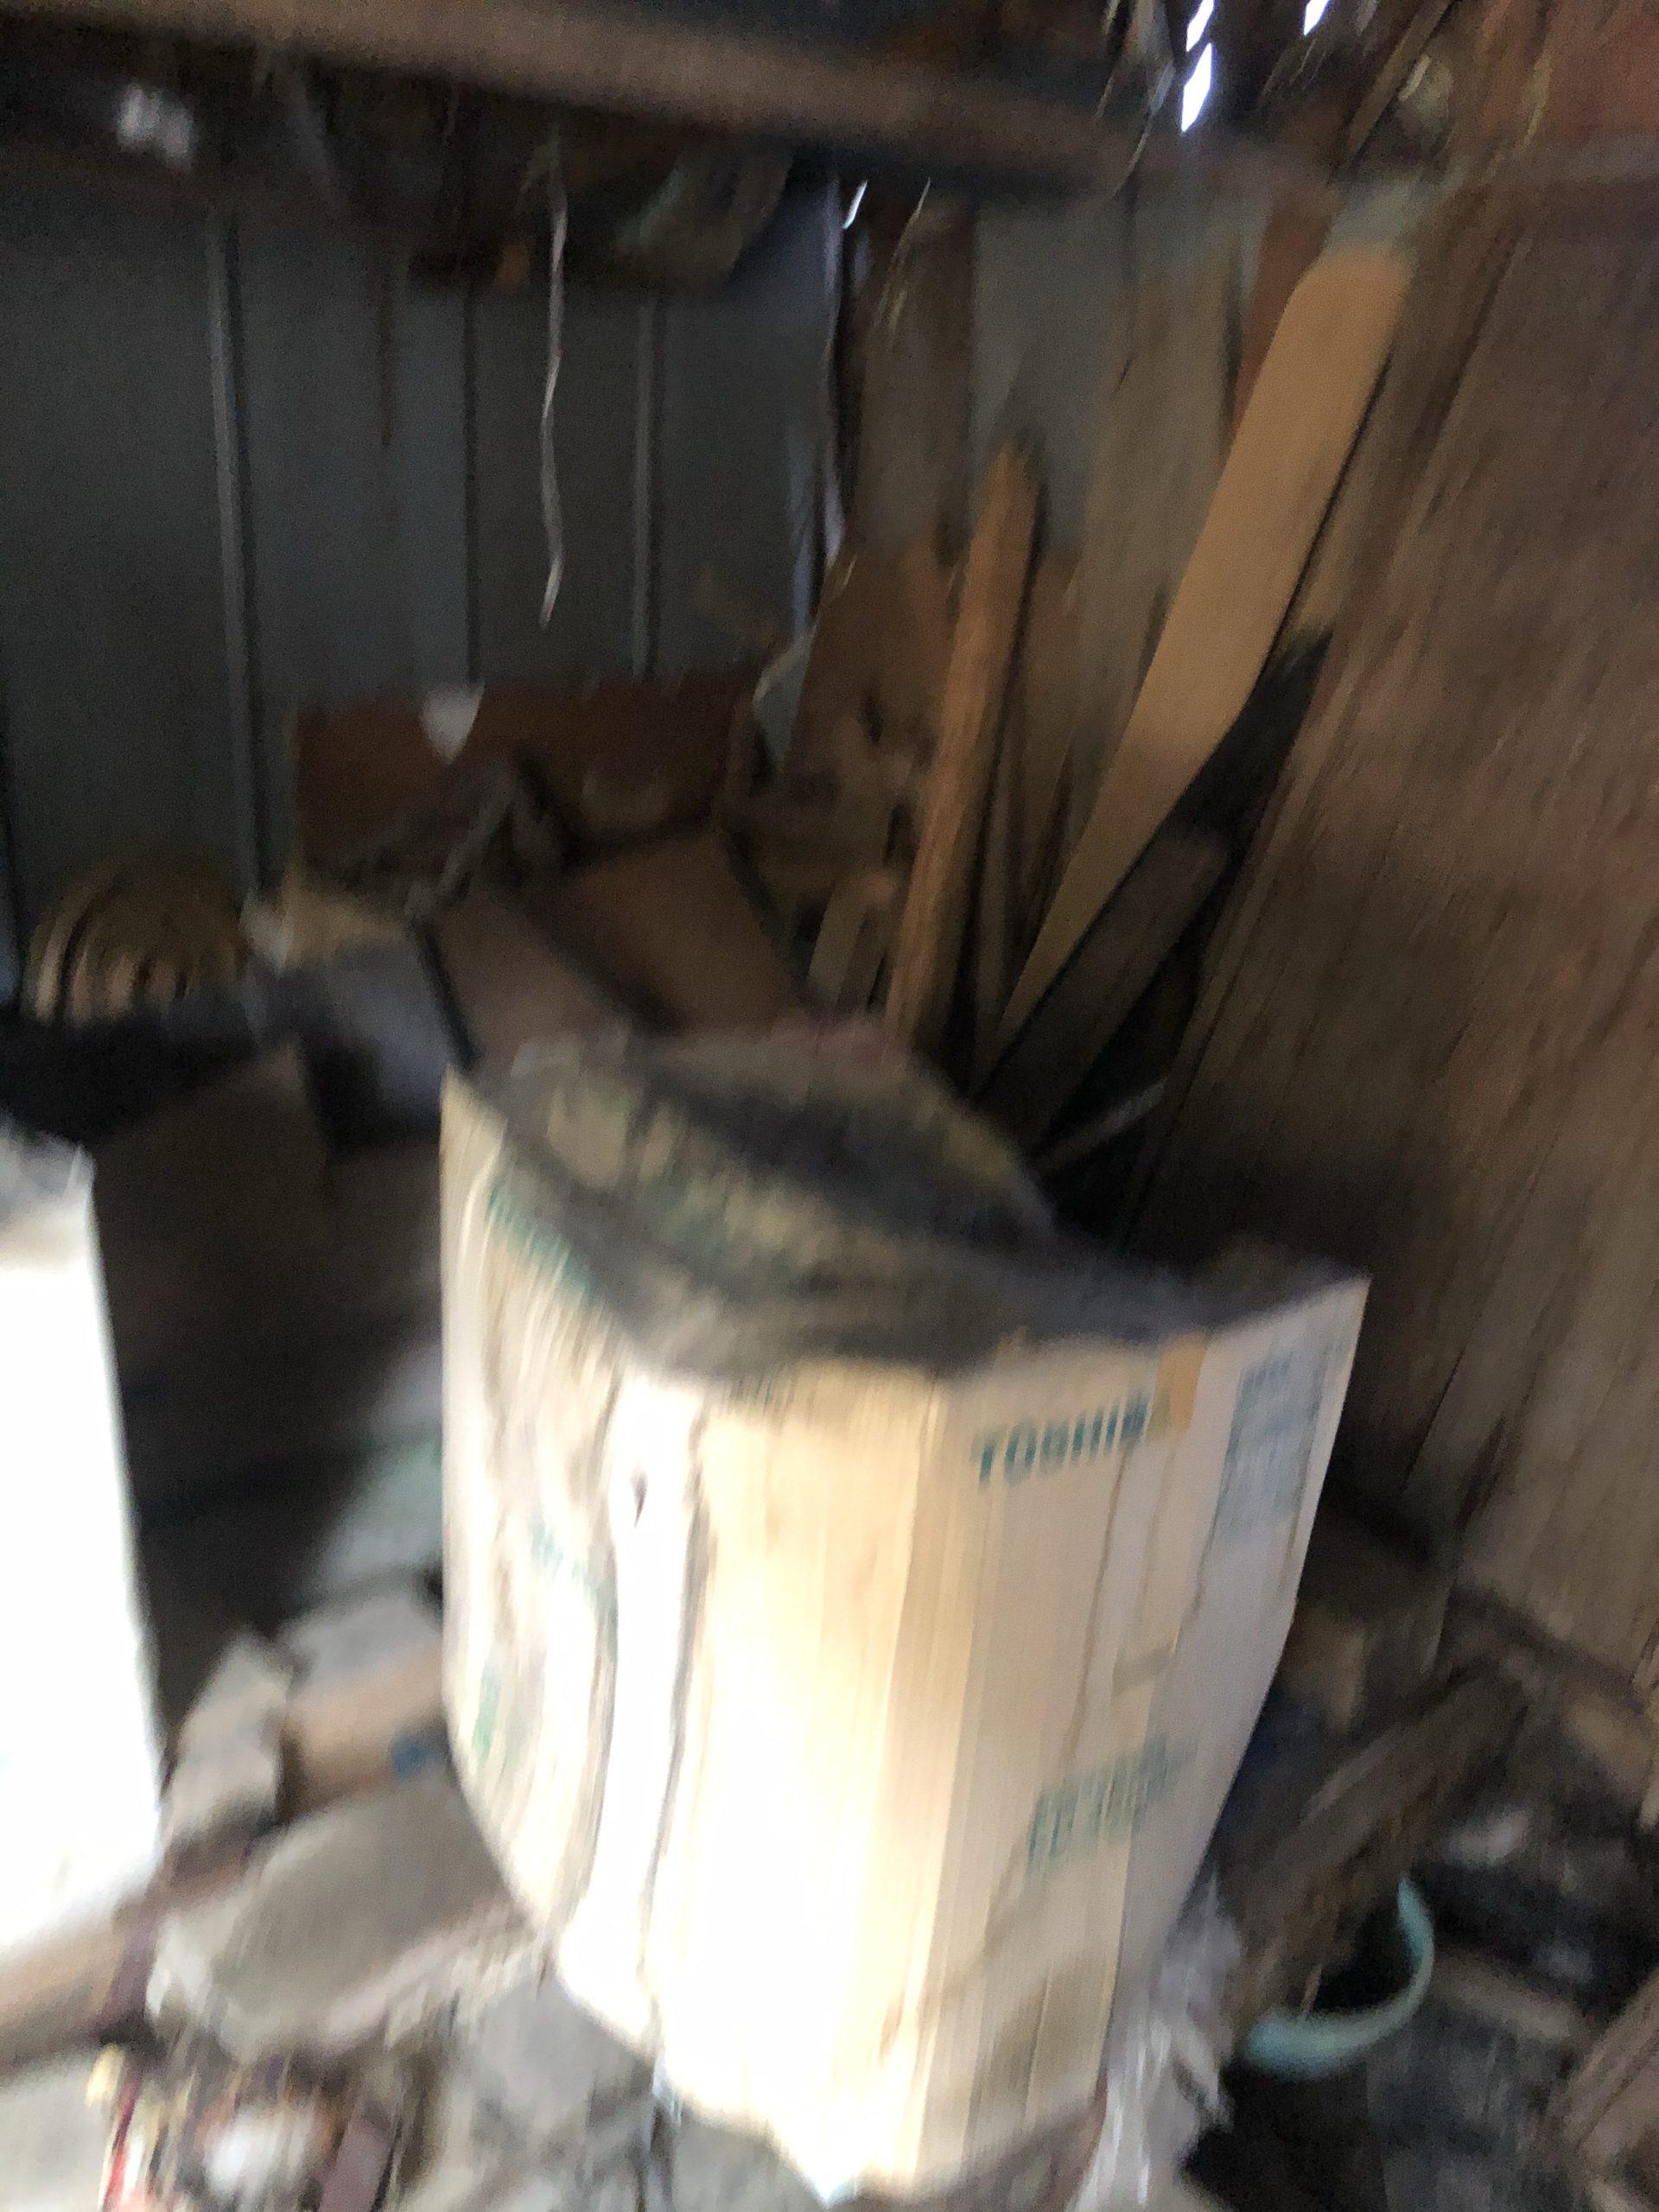 津市で不用品回収や処分、家屋解体工事の見積り業者なら株式会社kousui